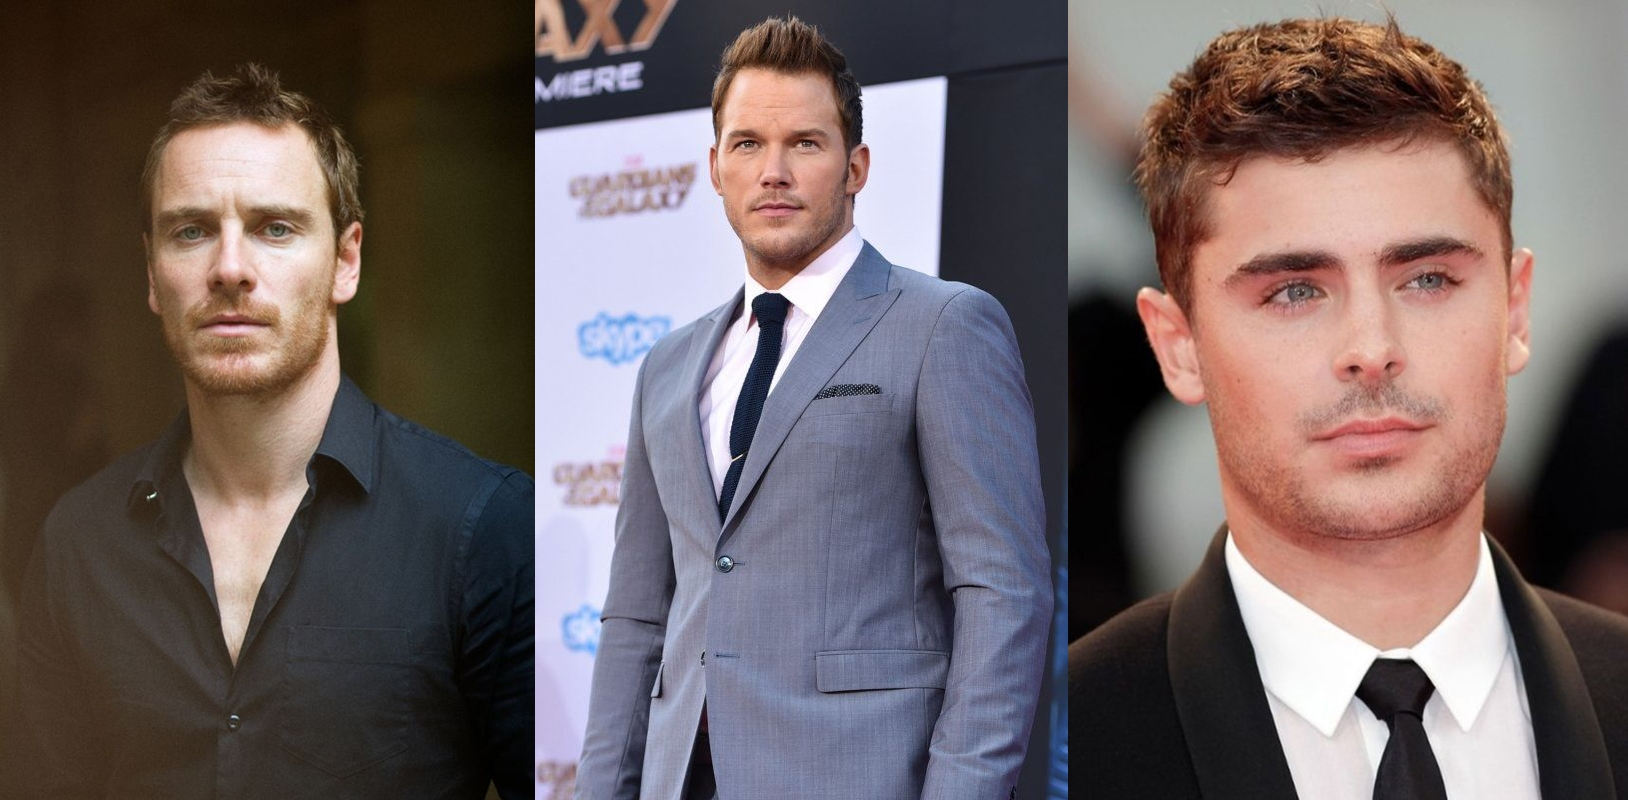 corte masculino, corte para rosto redondo, corte moderno, dicas de corte, como cortar, como pentear, penteado masculino, haircut, hairstyle, hair, hair 2016, cabelo 2016, 2 (3)